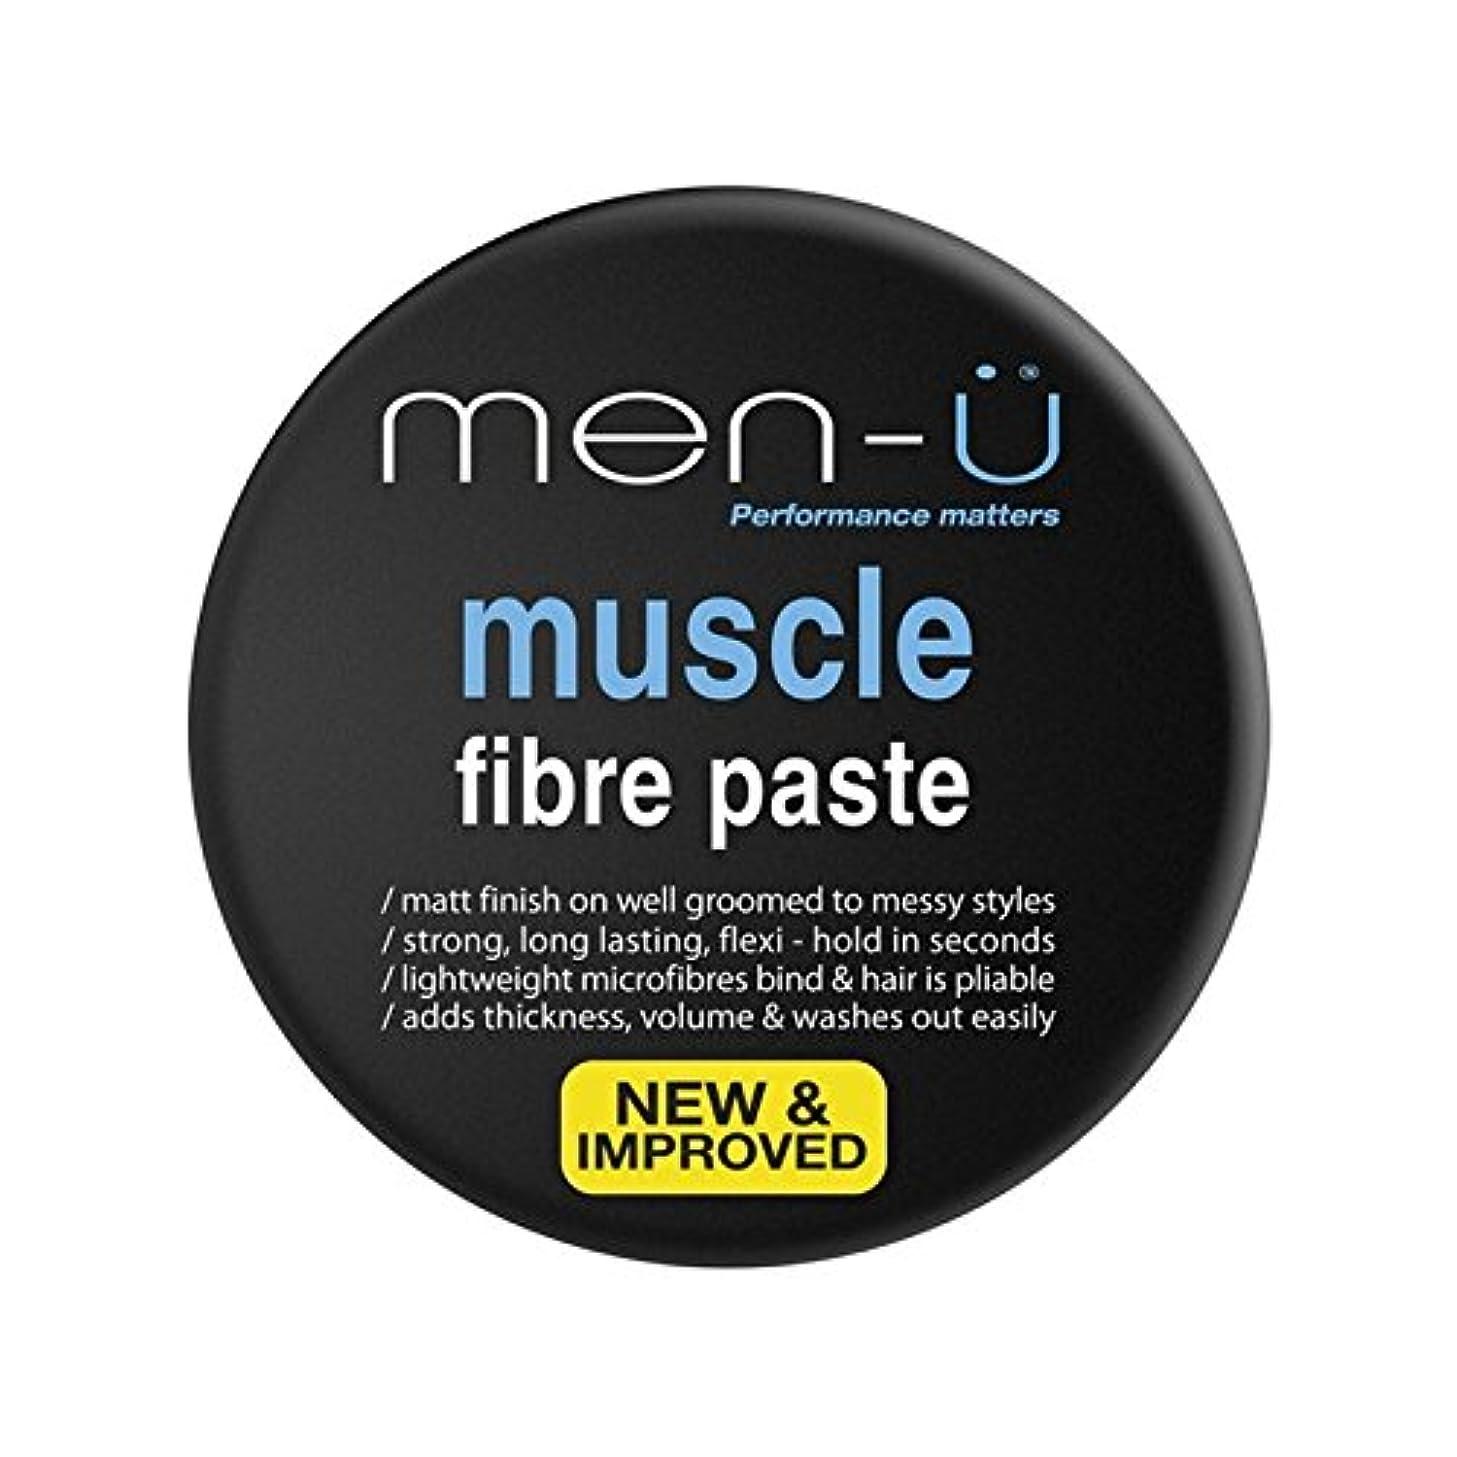 自分のために旅納税者Men-? Muscle Fibre Paste (100ml) - 男性-?筋線維ペースト(100ミリリットル) [並行輸入品]